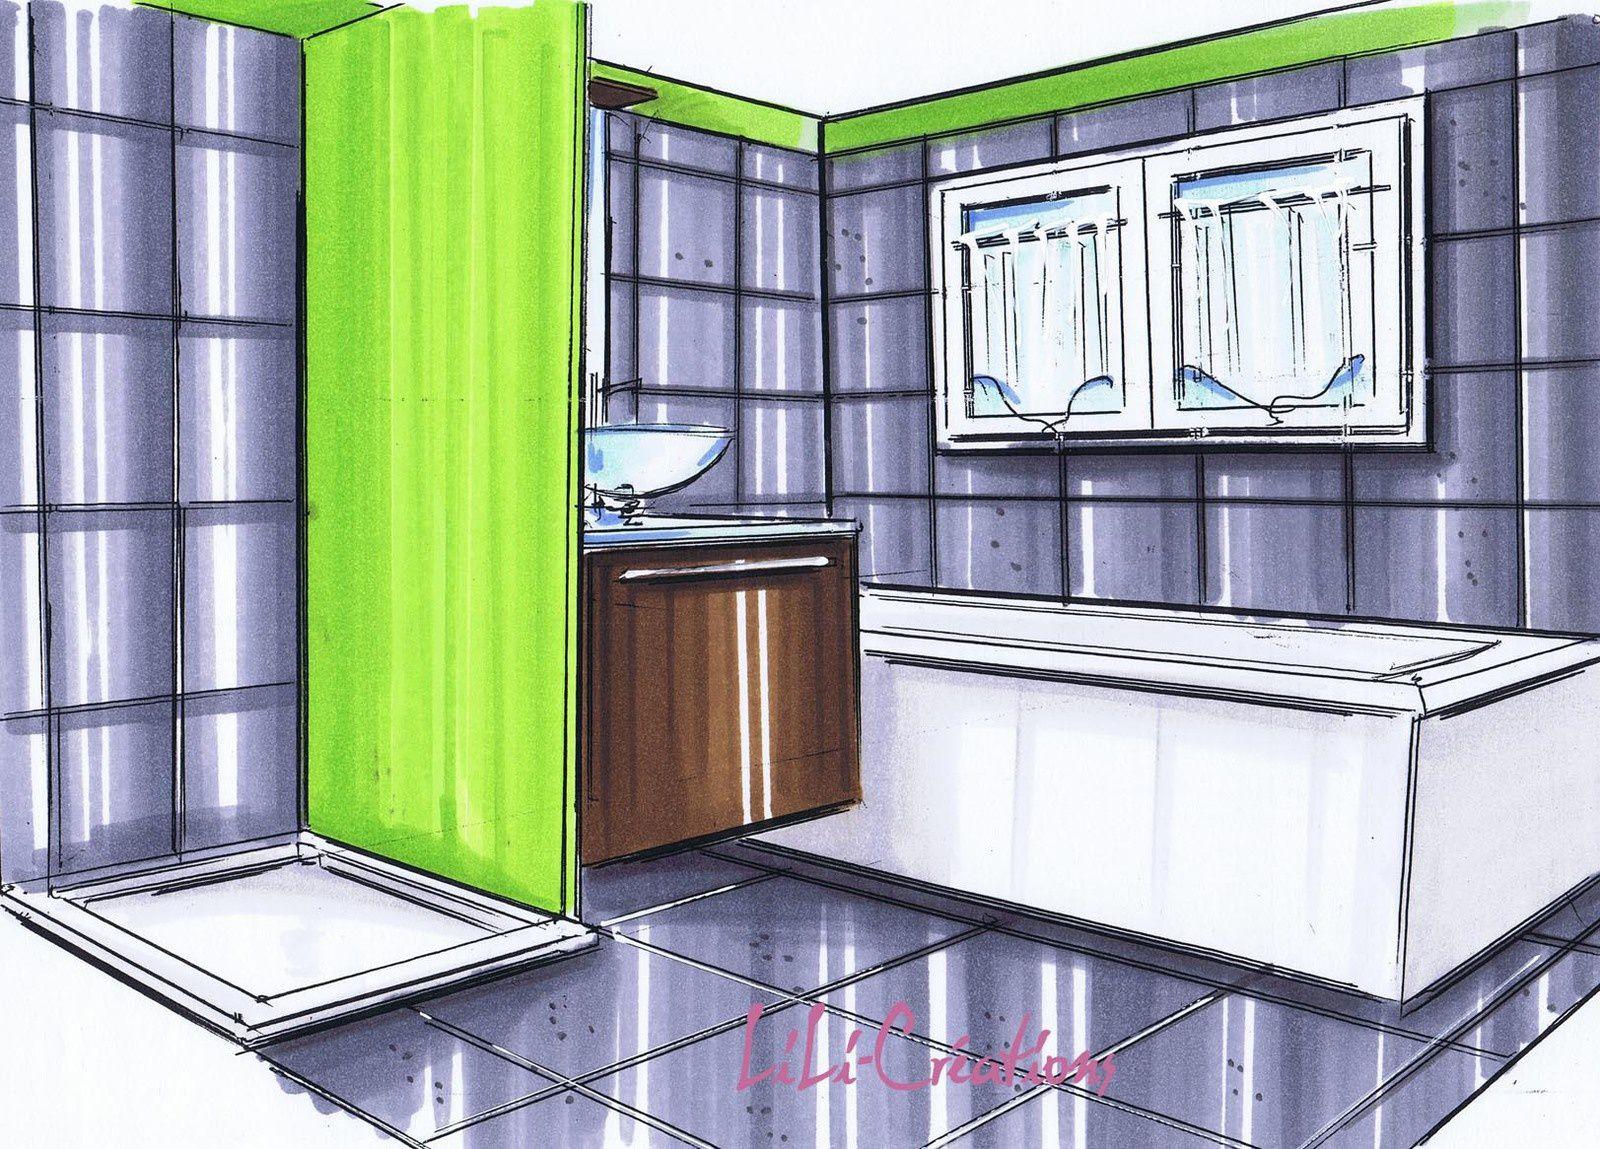 Salle de bains verte et grise le blog de elise fossoux for Salle de bain gris et vert